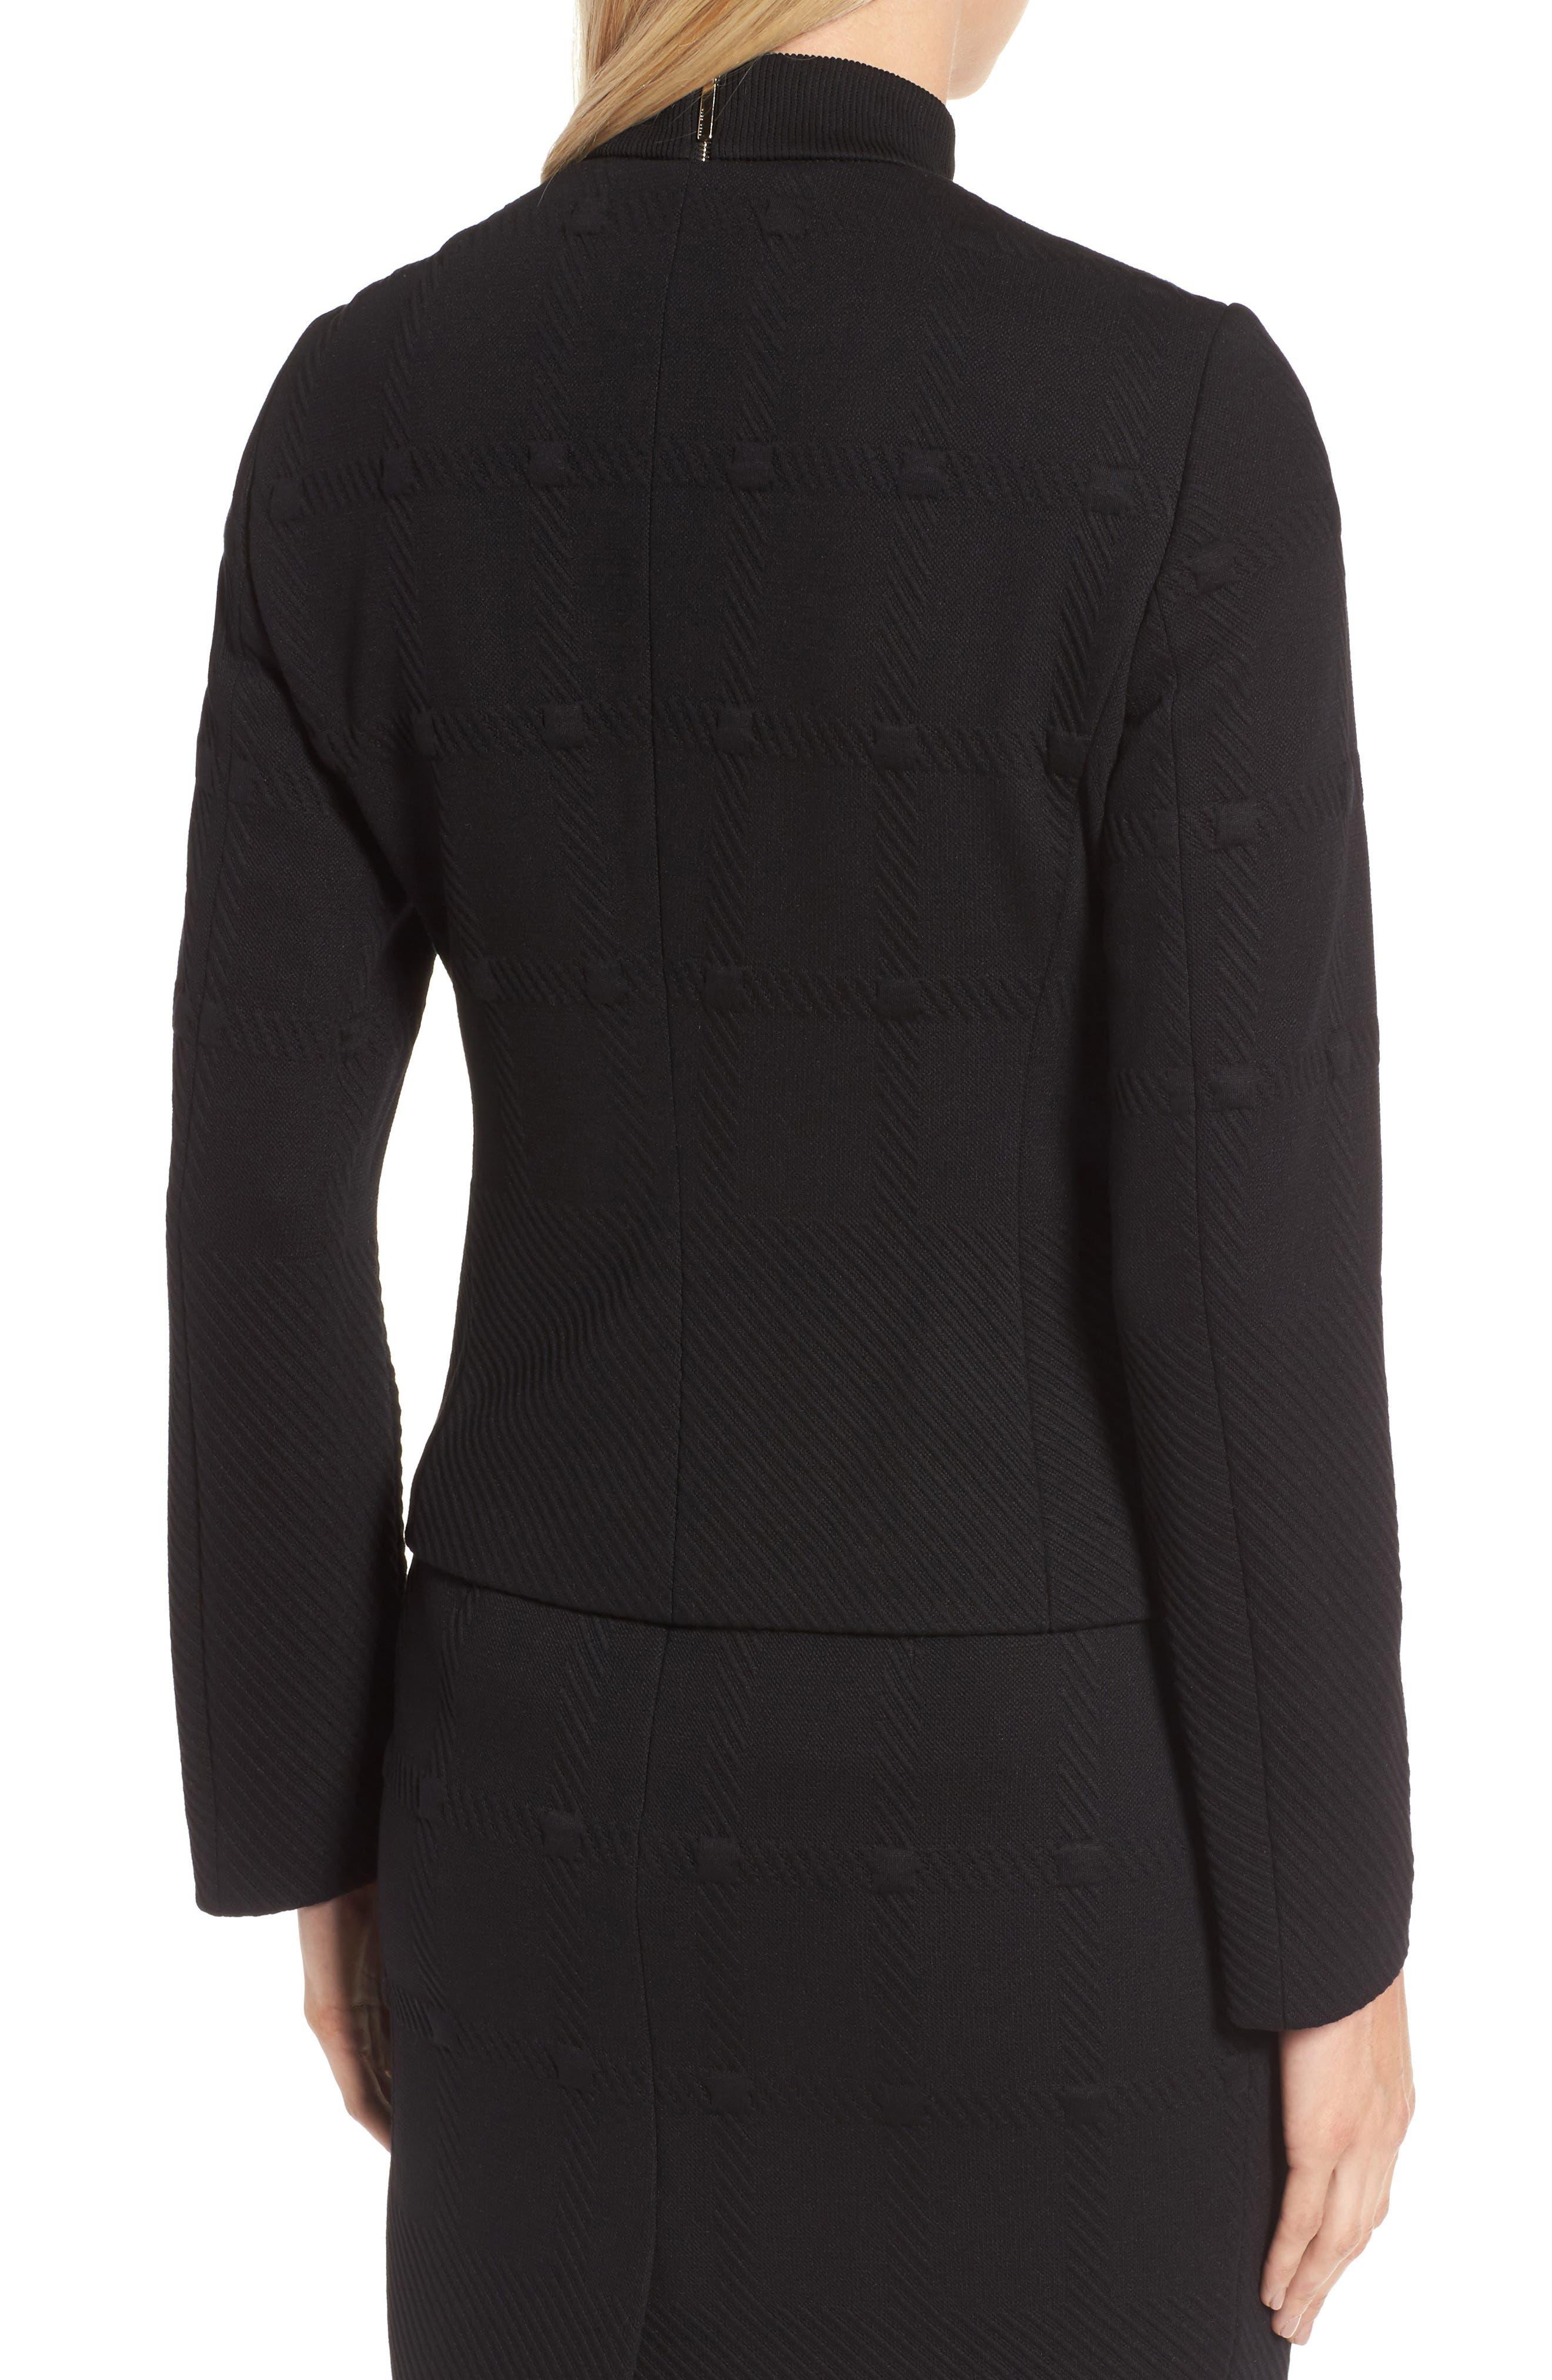 Kanelli Jacquard Jacket,                             Alternate thumbnail 3, color,                             Black